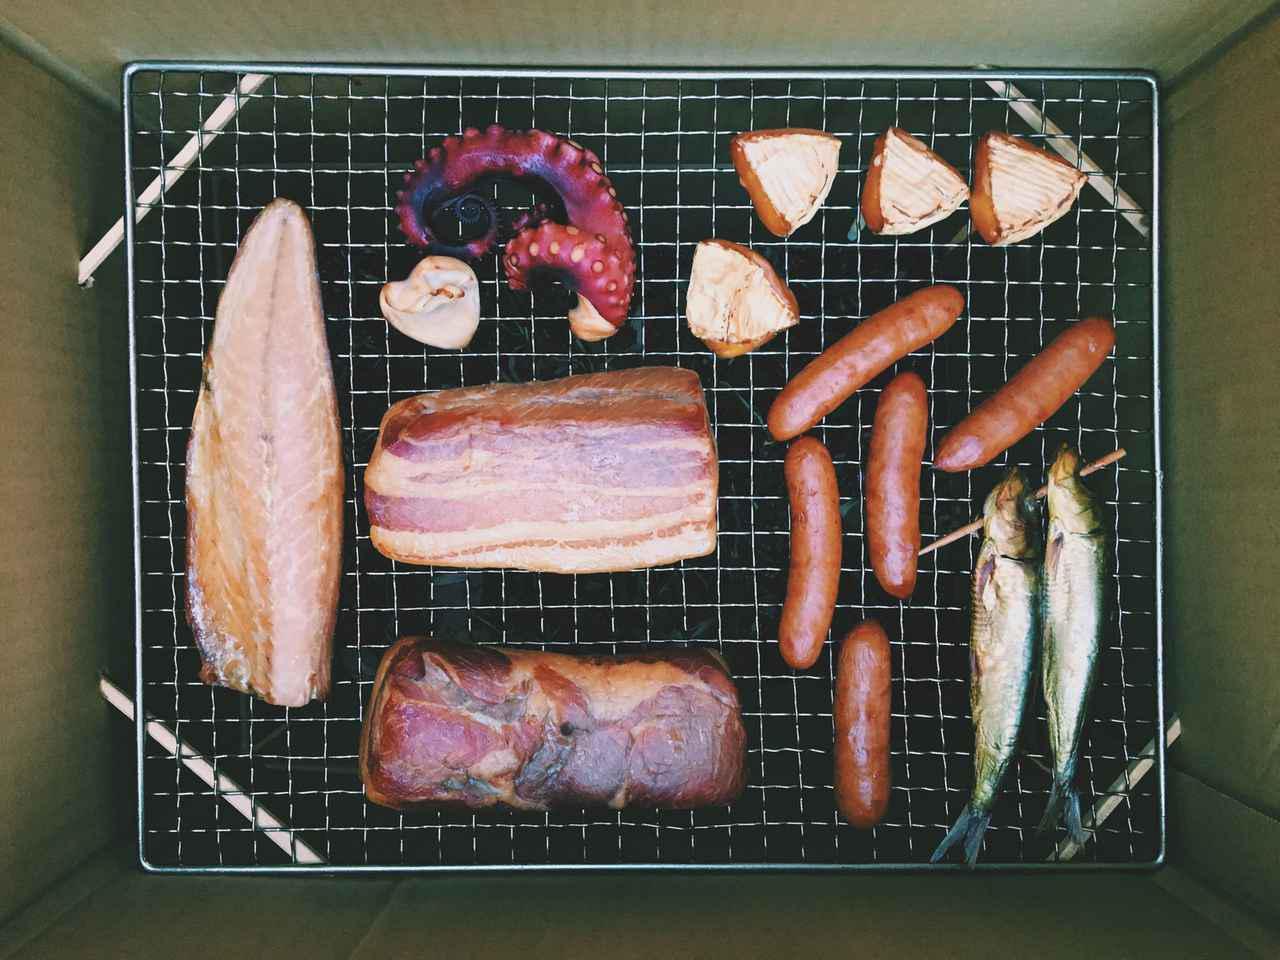 画像: キャンプで燻製を楽しむ方法! 手軽なのは市販の燻製器 手持ちの調理器具やDIYもおすすめ